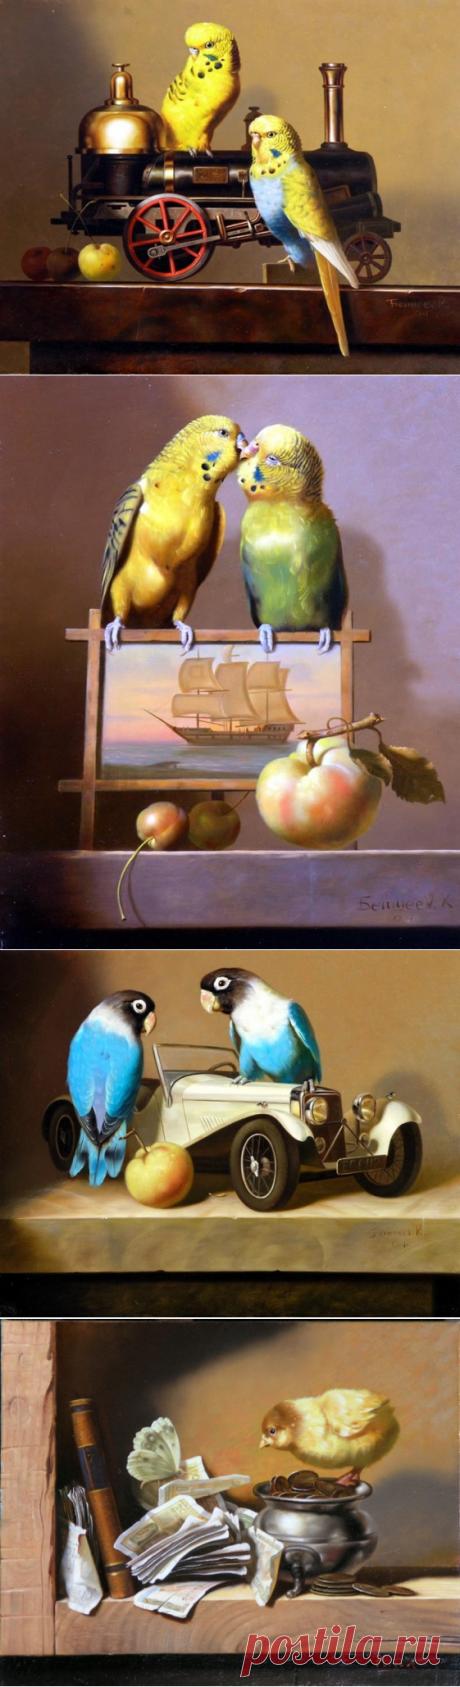 Попугайчики и натюрморты. Baxter, Alexander.